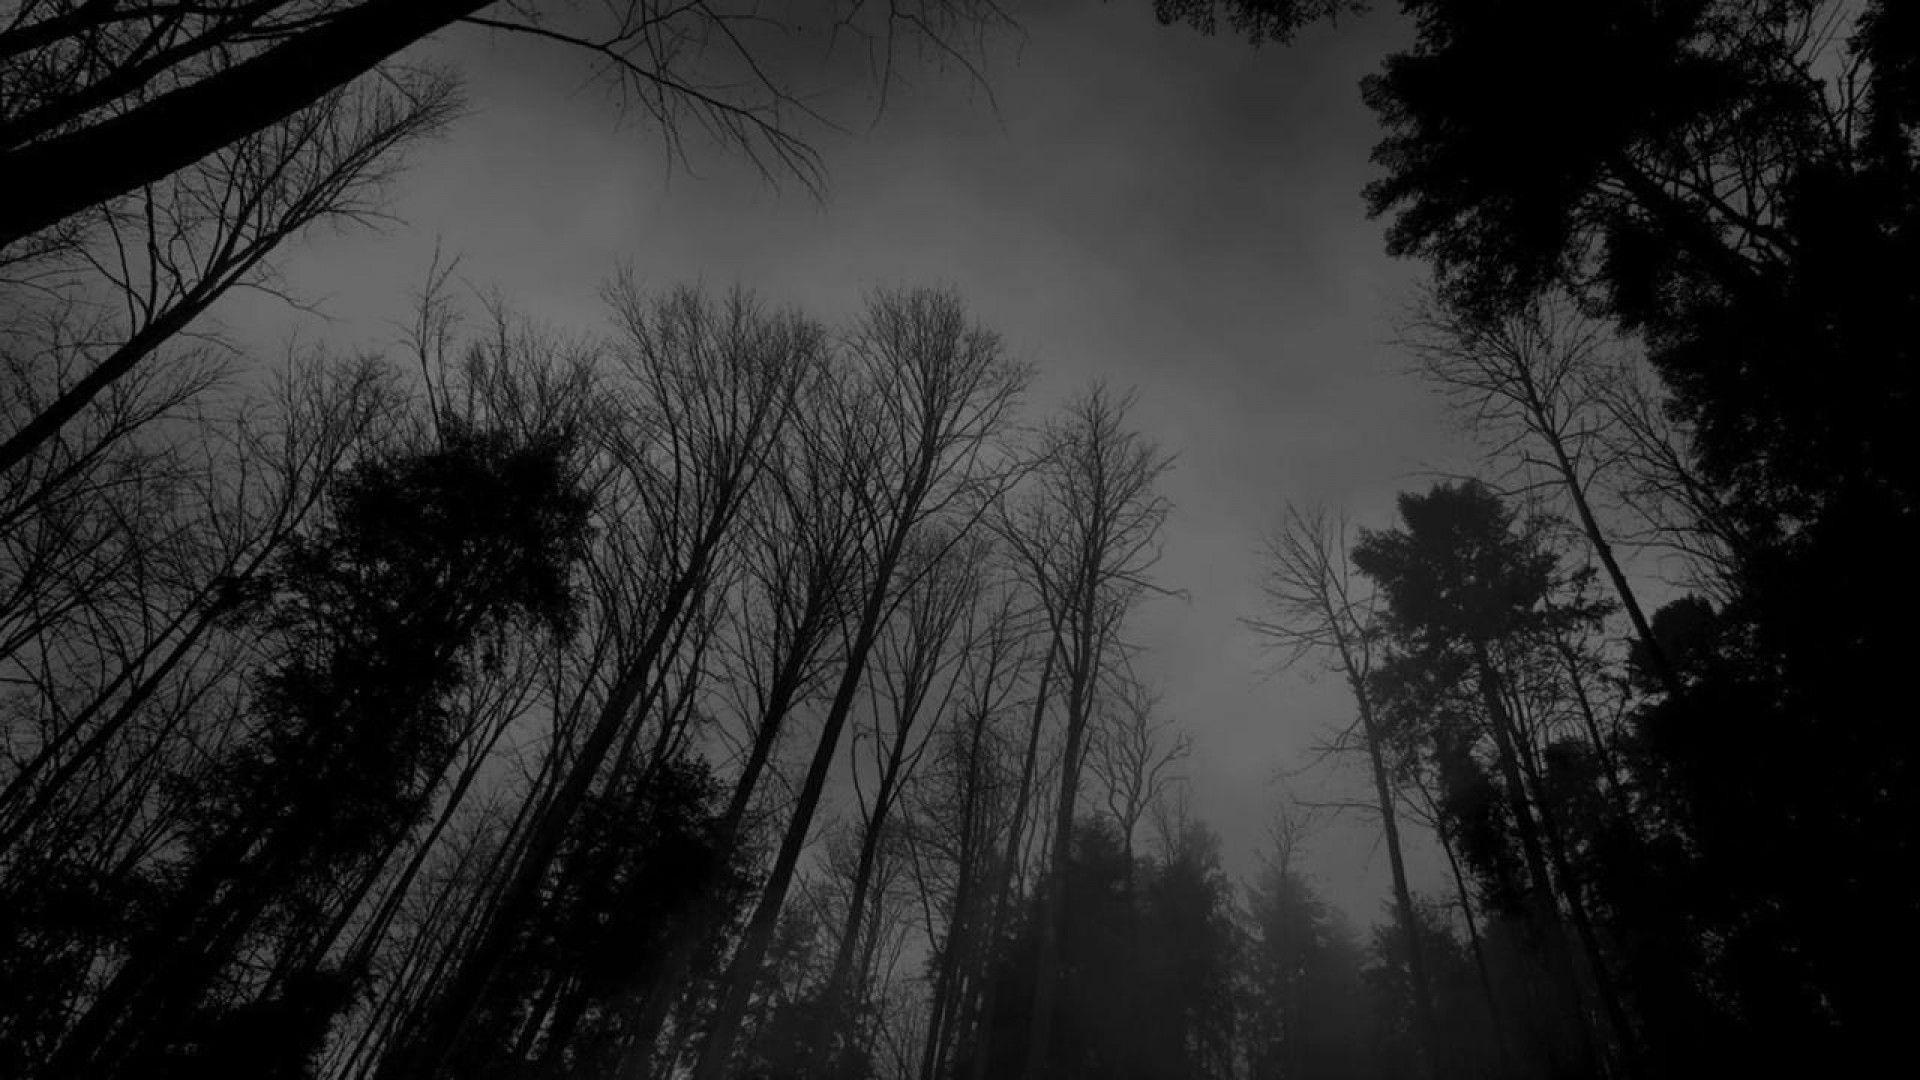 Image – Forest-black-white-dark-forest-wallpaper.jpg –